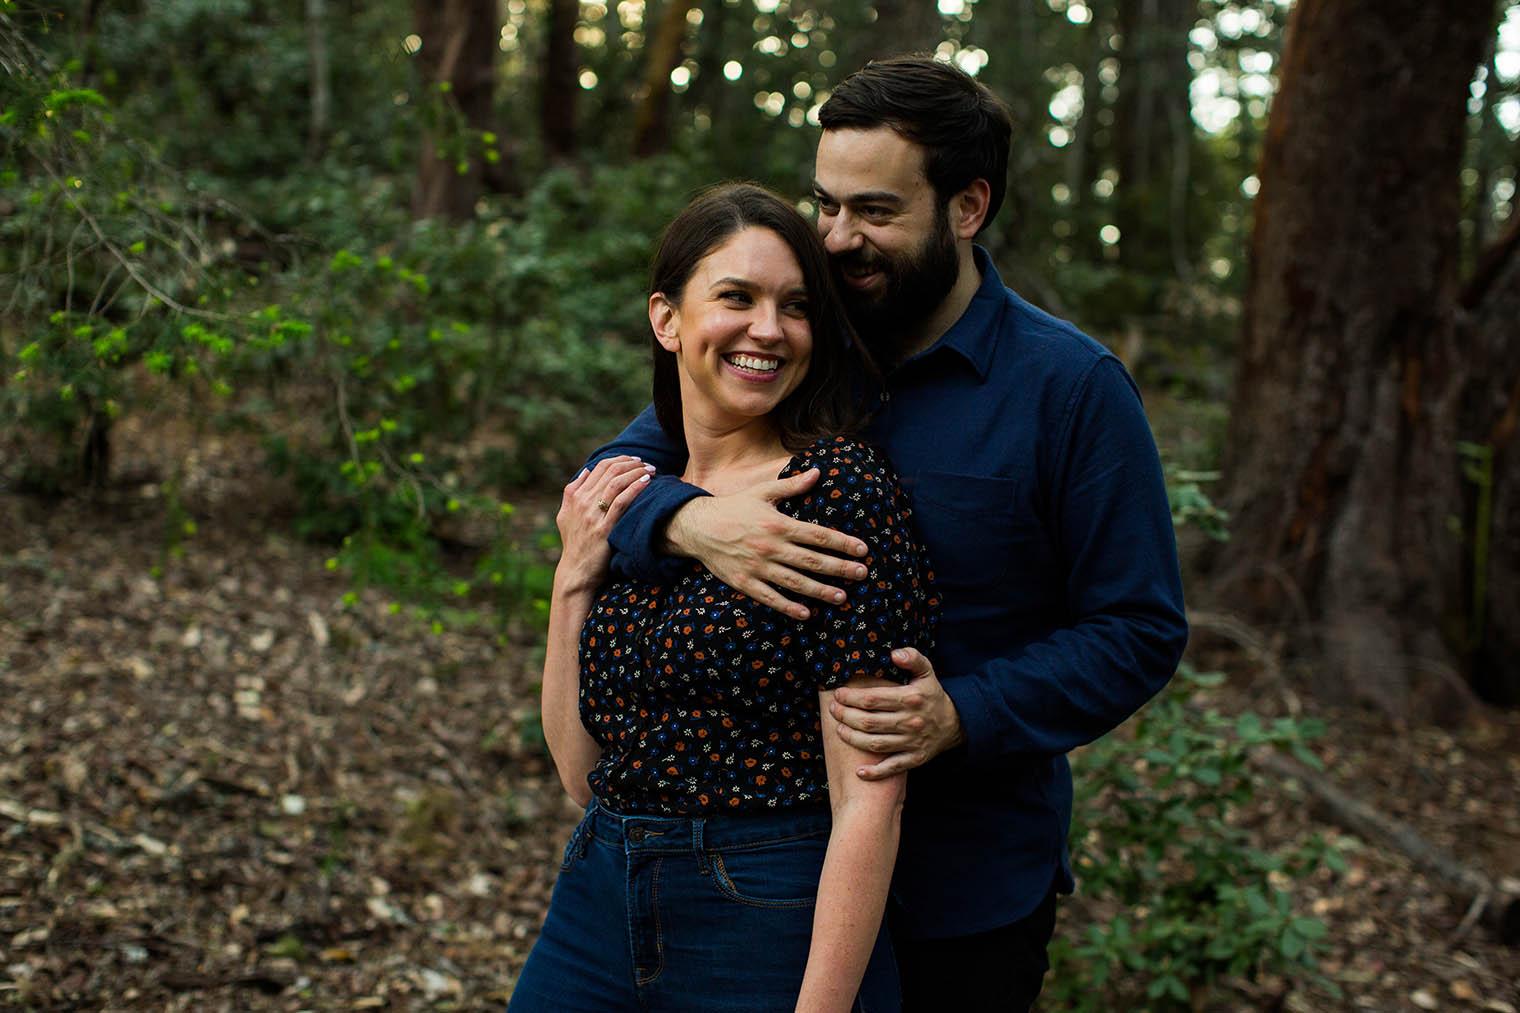 Engagement photos at Mount Tamalpais